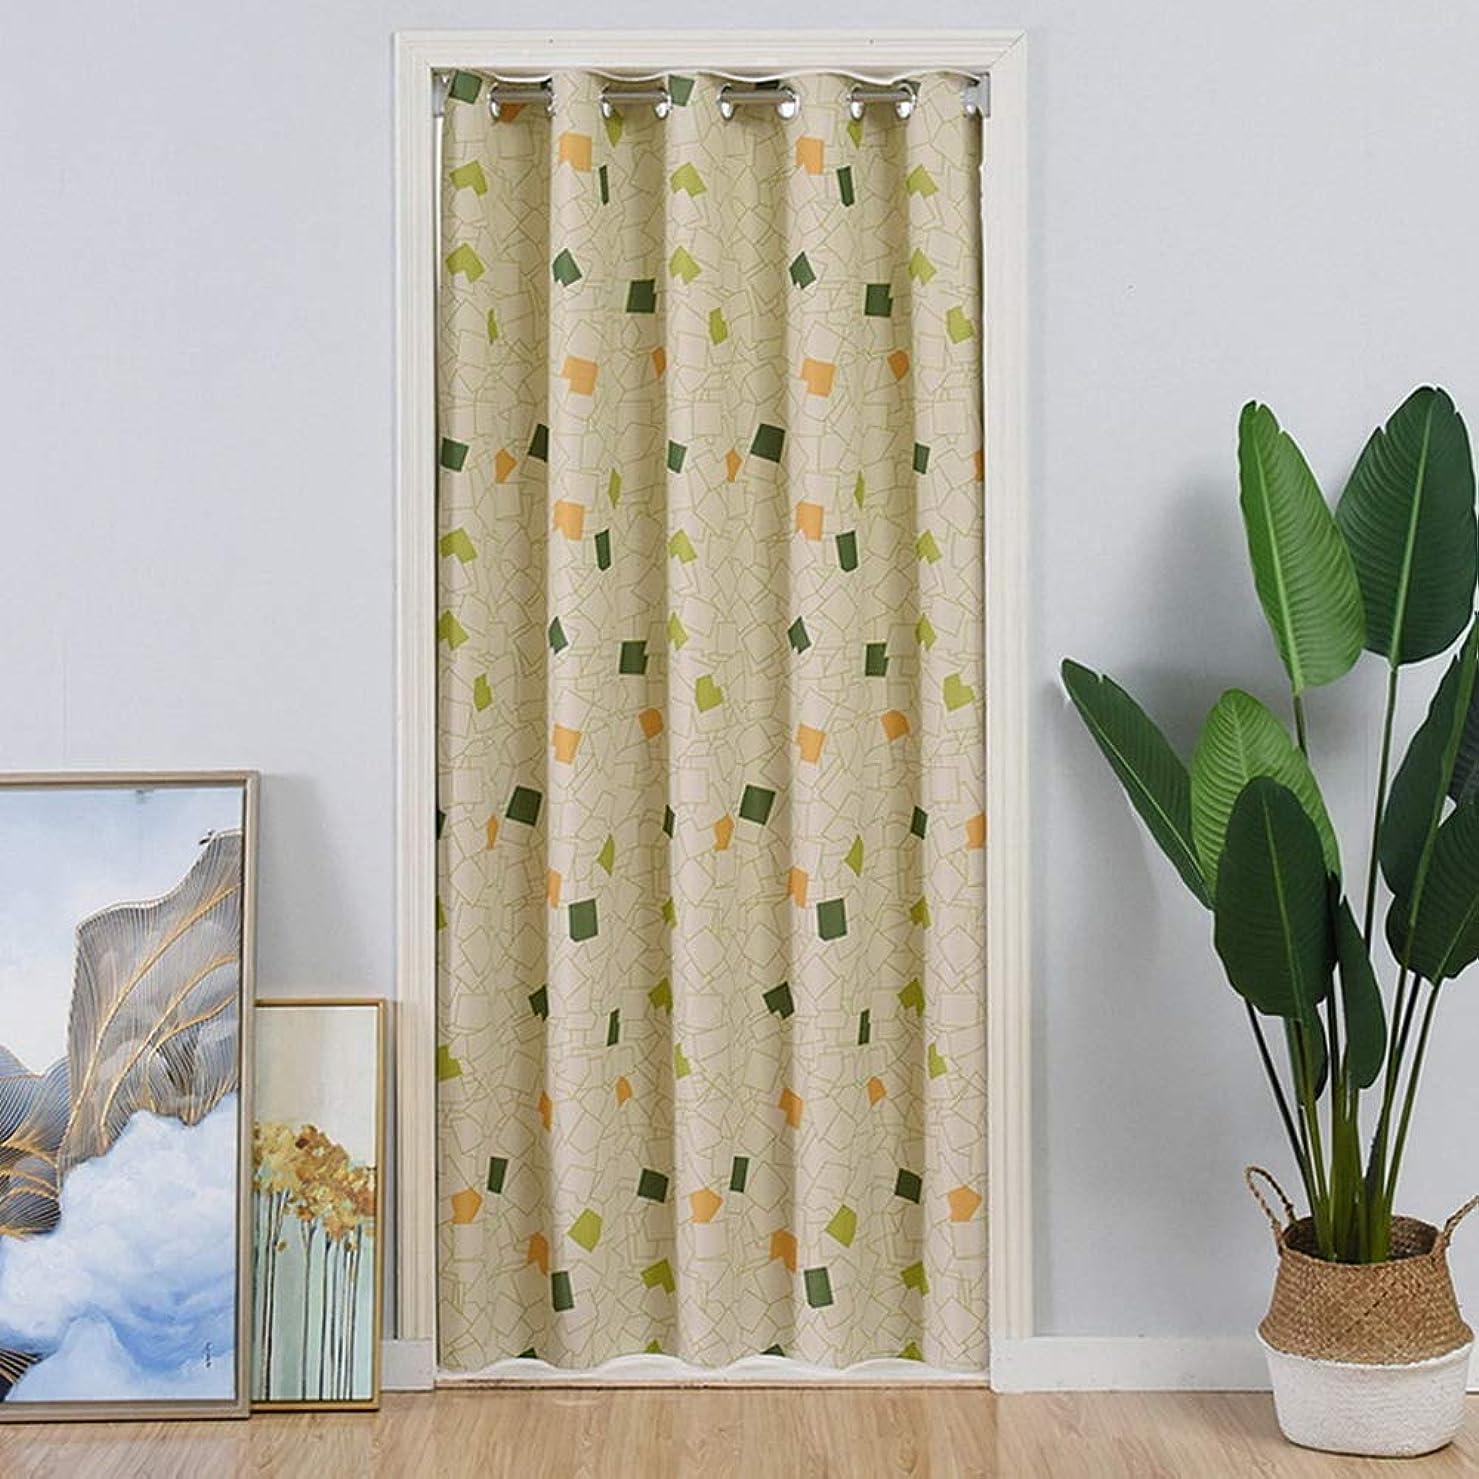 カラースクエア カントリーカーテン 遮光カーテンの印刷 戸口用グロメットドレープ ルームダークニング 断熱 エネルギー効率 ベイウィンドウのウィンドウ処理 間仕切り1枚組幅100*丈200CM